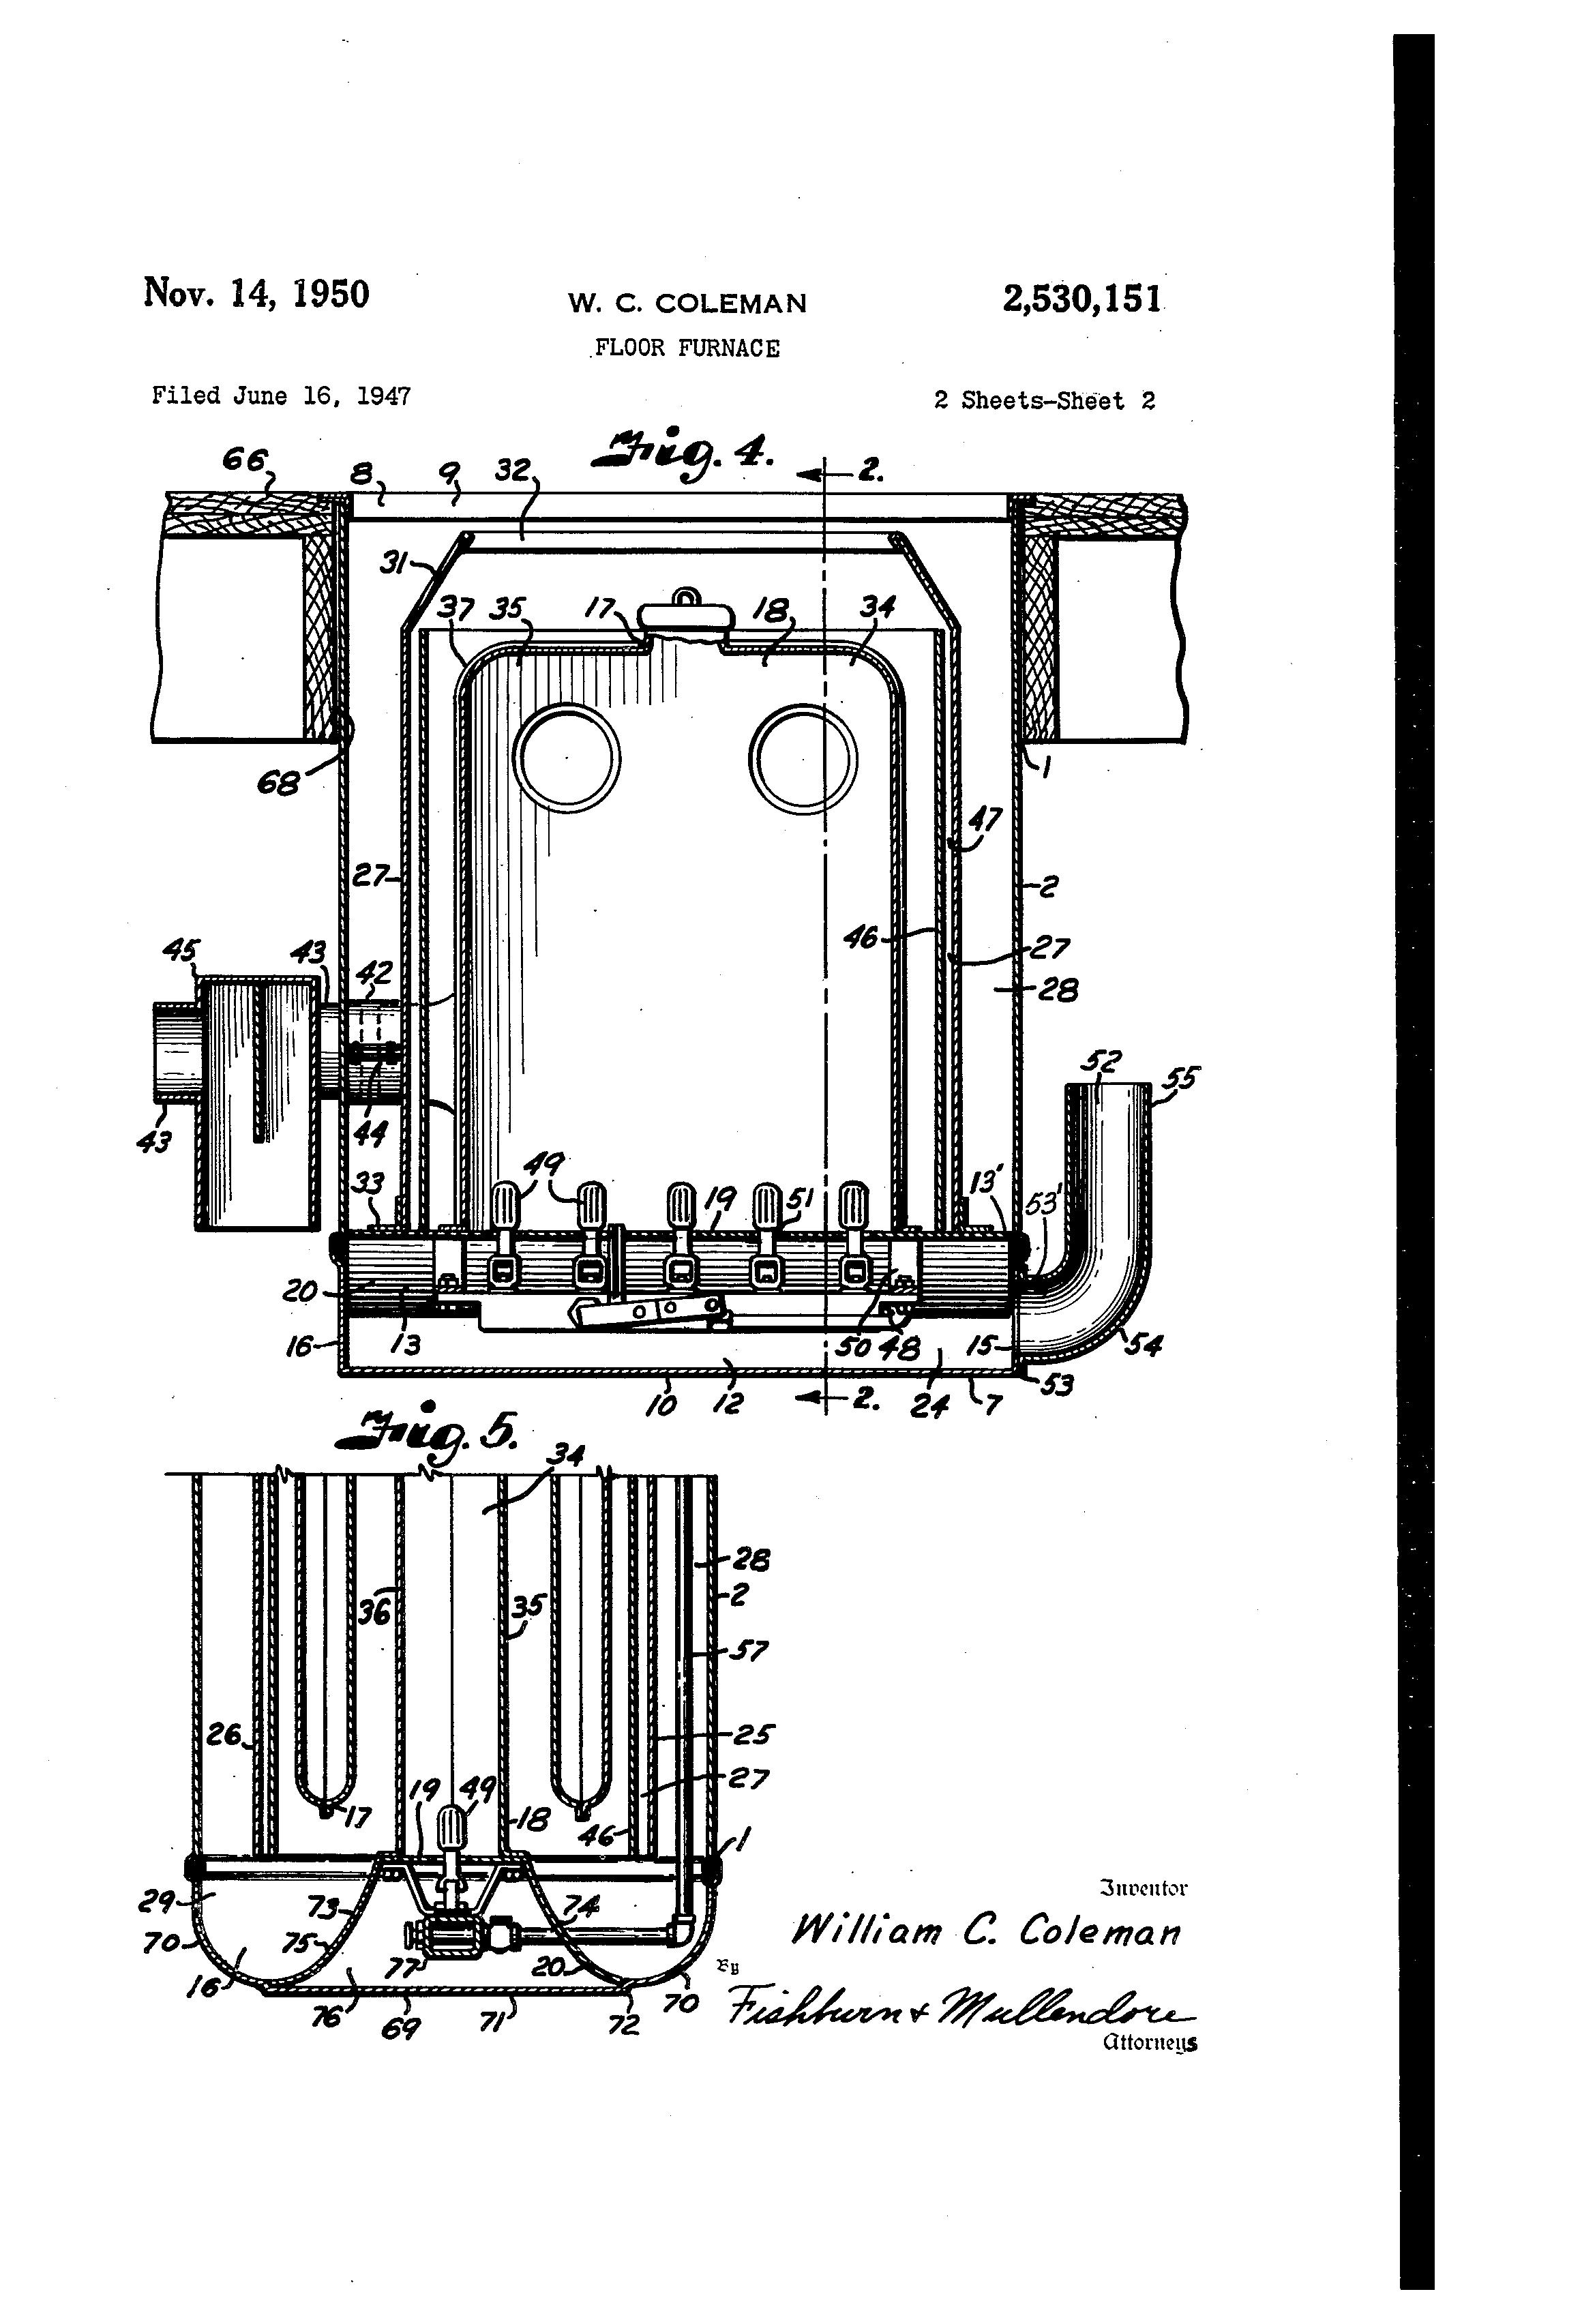 floor furnaces 1950 related keywords